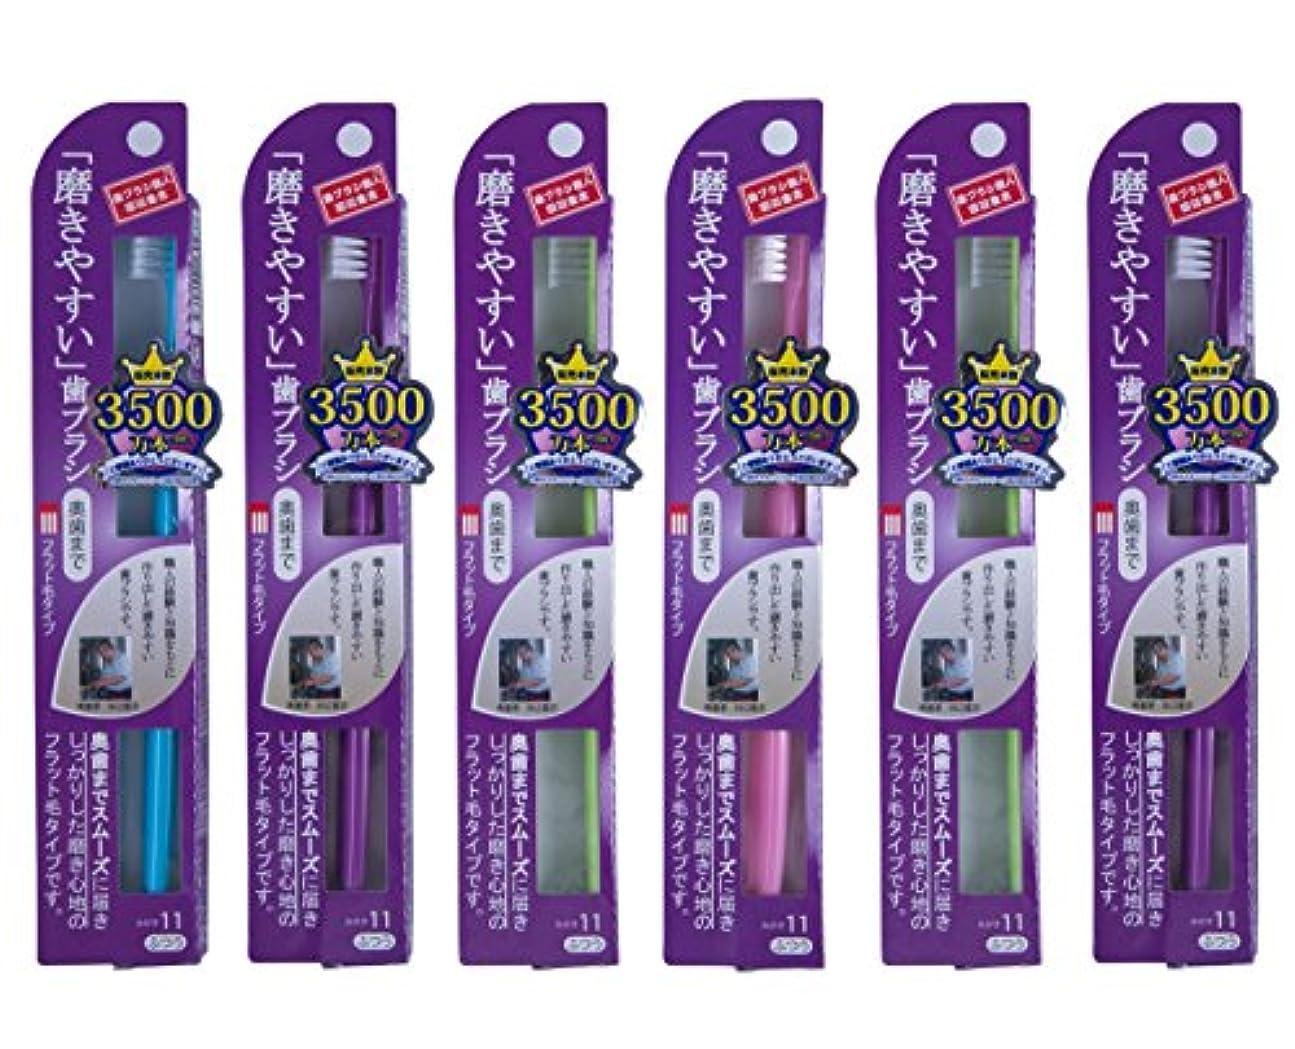 くつろぐインシュレータ成果歯ブラシ職人田辺重吉 磨きやすい歯ブラシ LT-11 (6本パック)